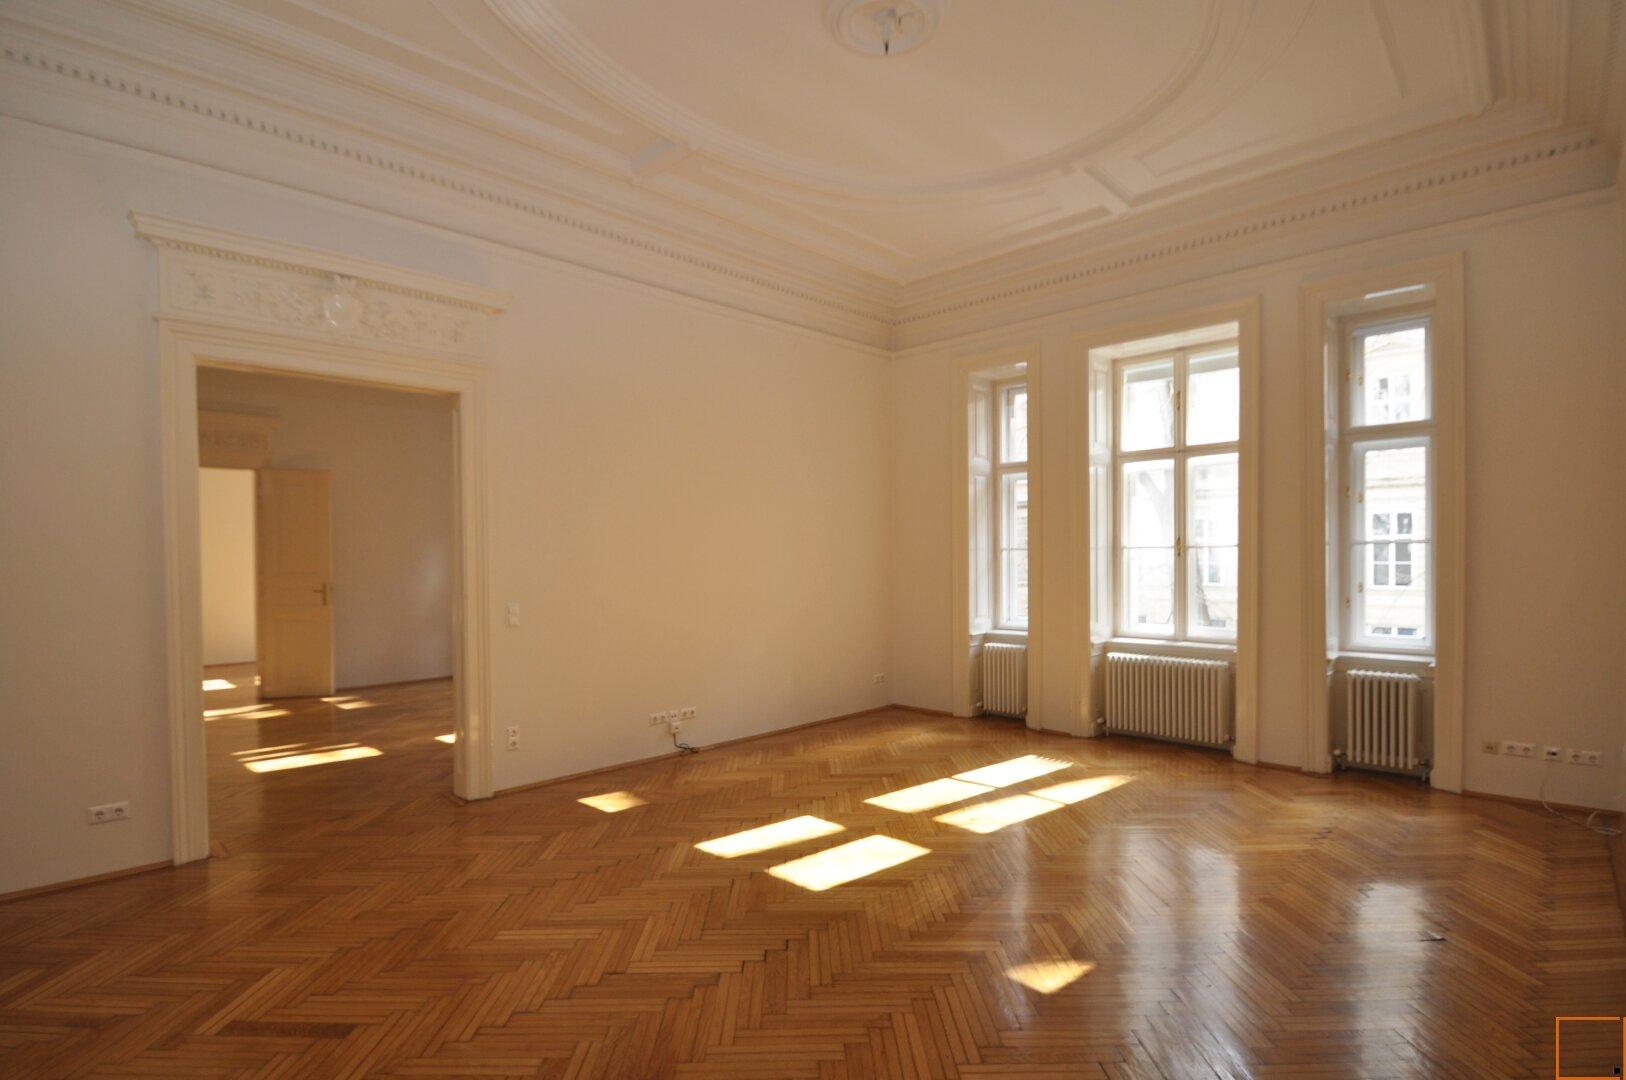 Wohnzimmer oder Esssalon